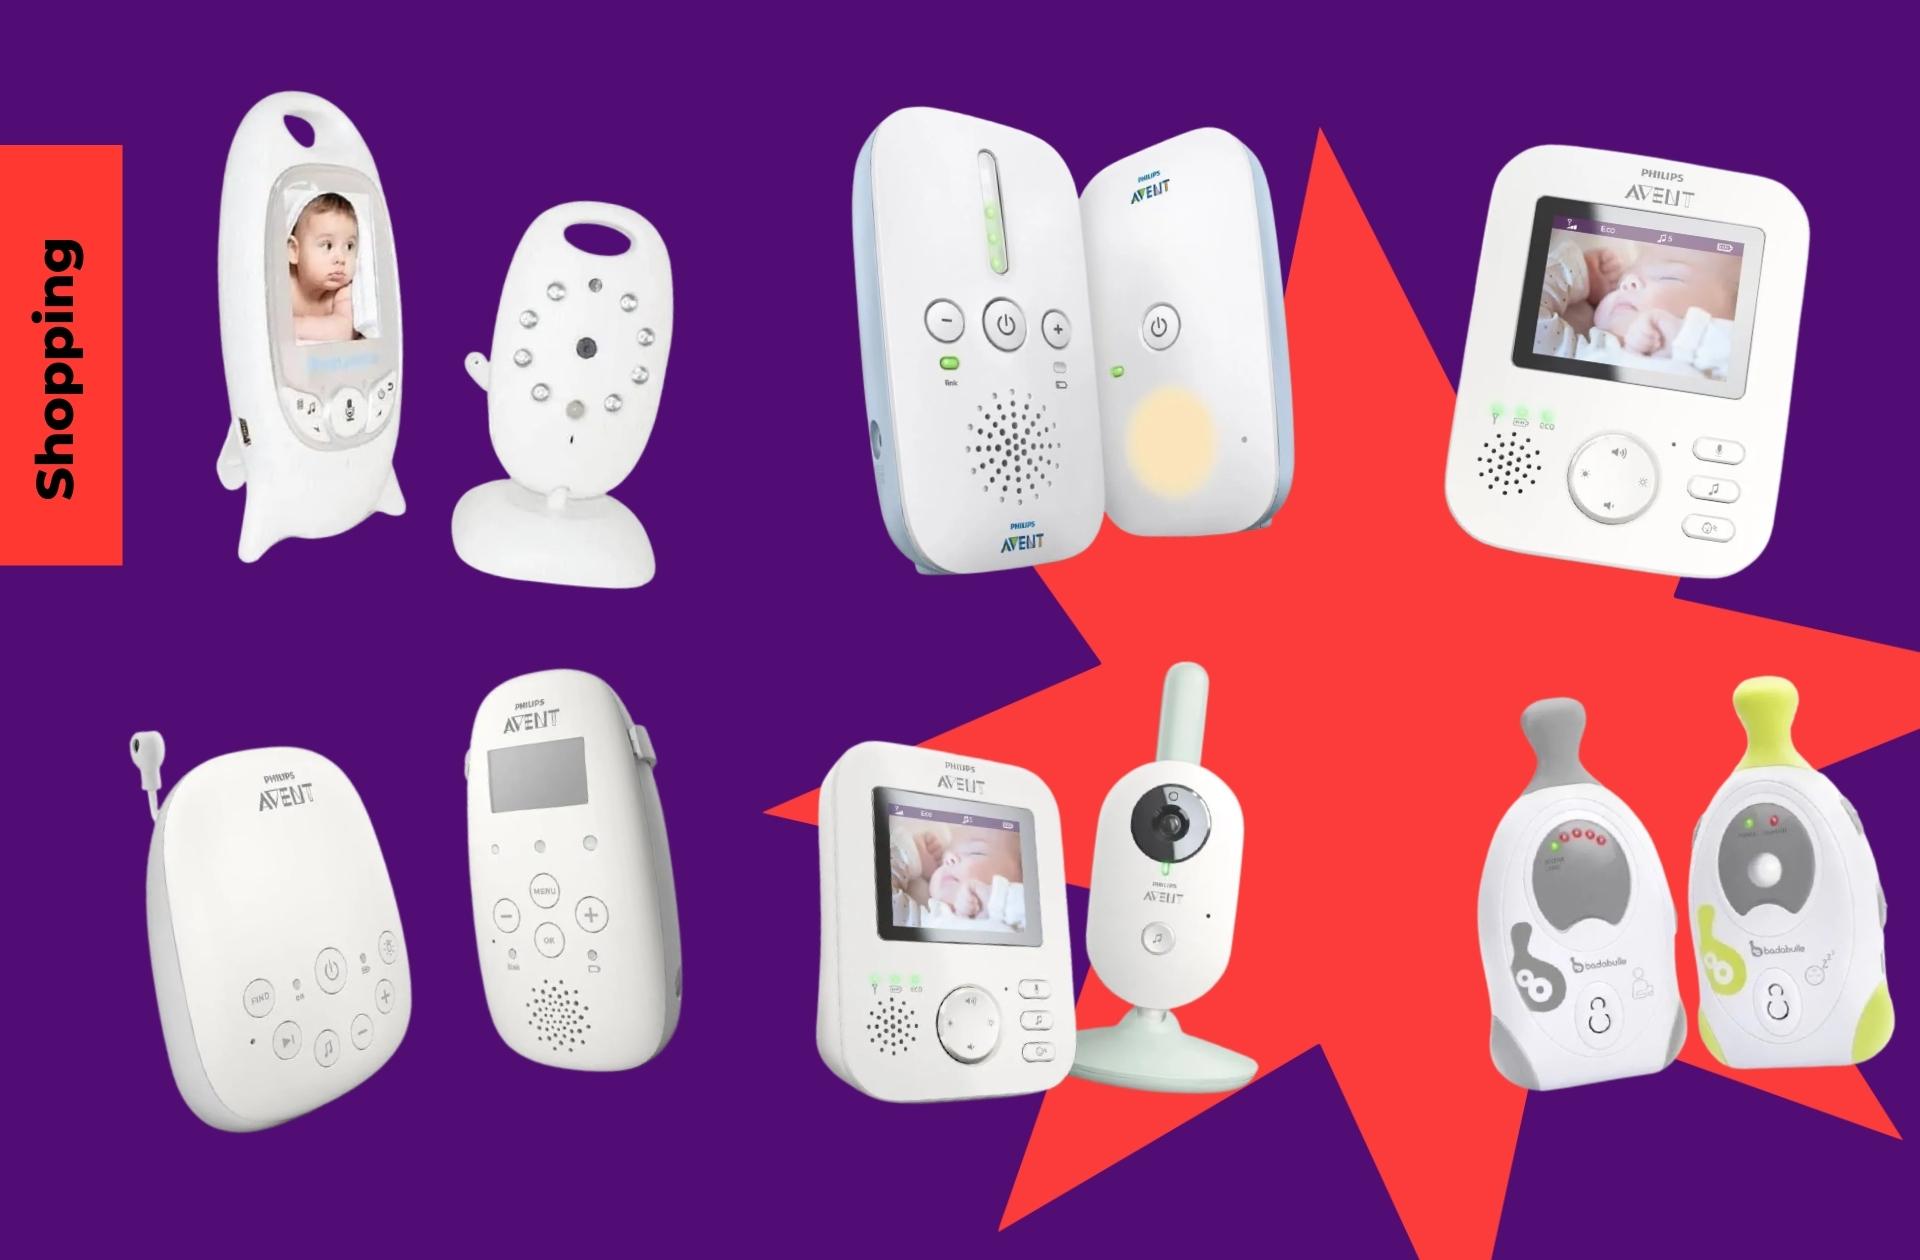 C'est le moment ou jamais de choisir un baby-phone parmi ces 9 références en promo